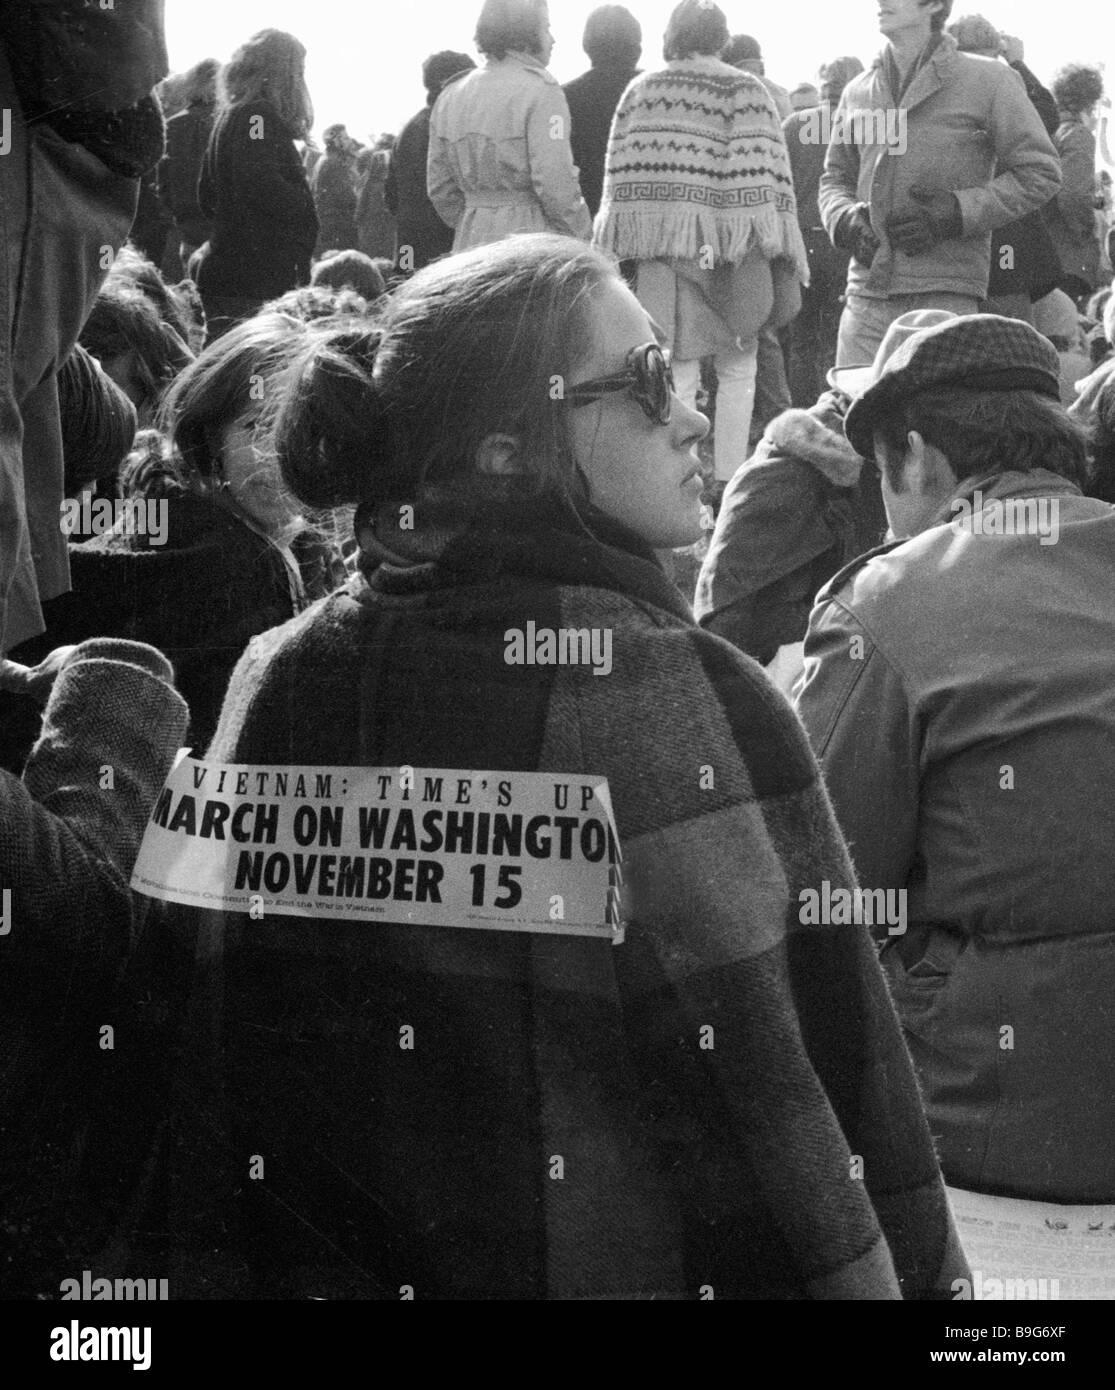 Mots sur l'arrière d'un participant à une manifestation anti Guerre du Vietnam Vietnam temps est Photo Stock